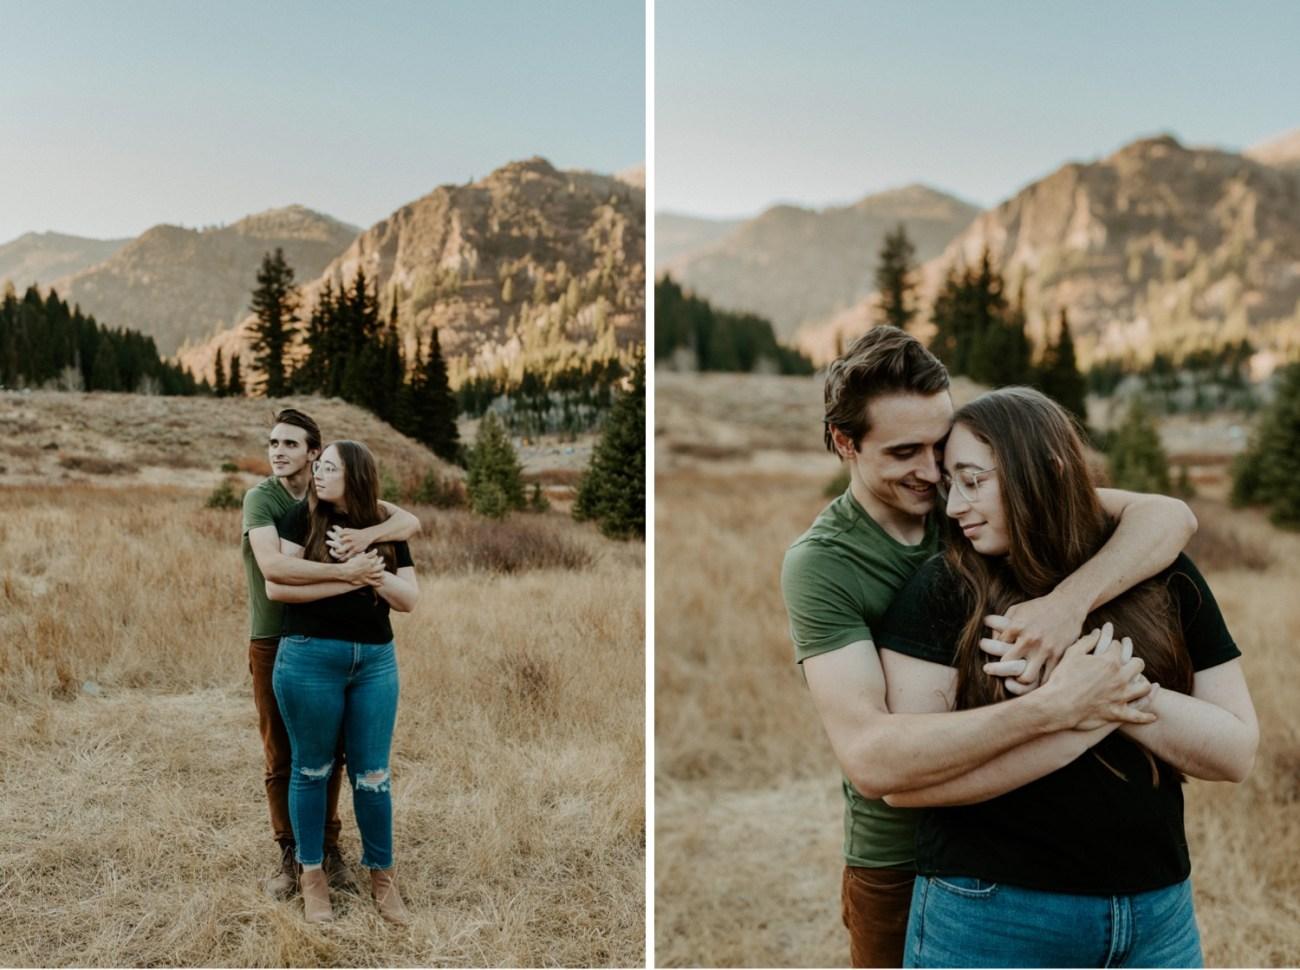 Big Cottonwood Couple Session Salt Lake City Wedding Photographer Anais Possamai Photography 013